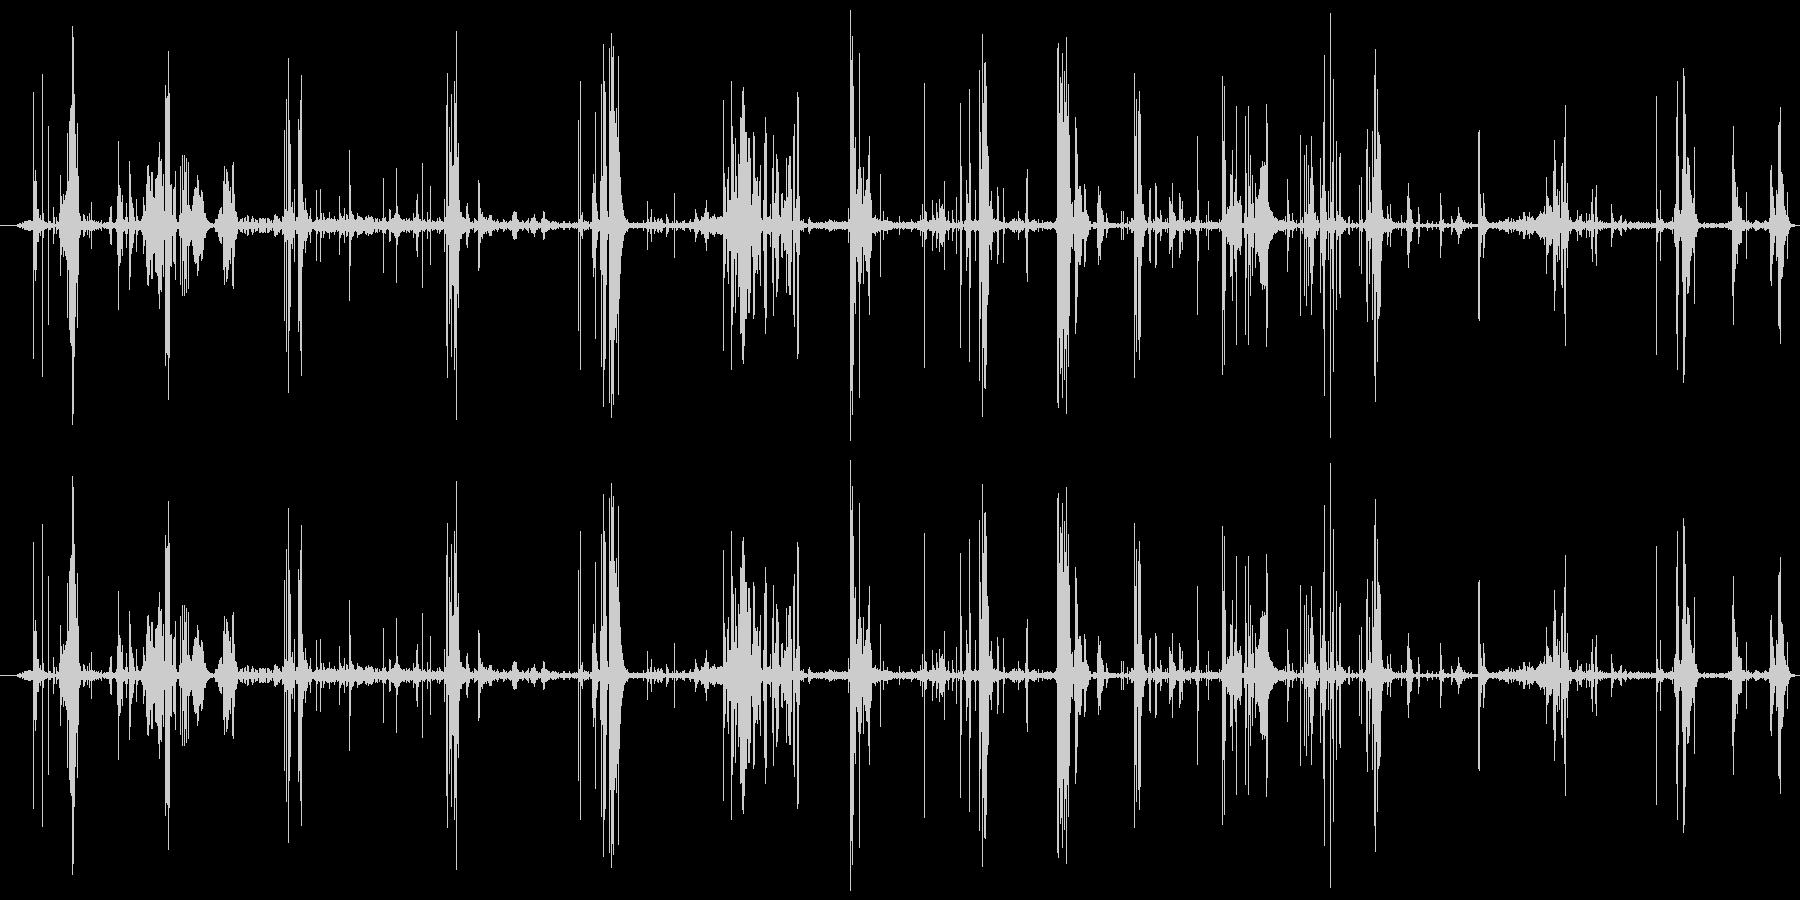 モンスター 肉食09の未再生の波形